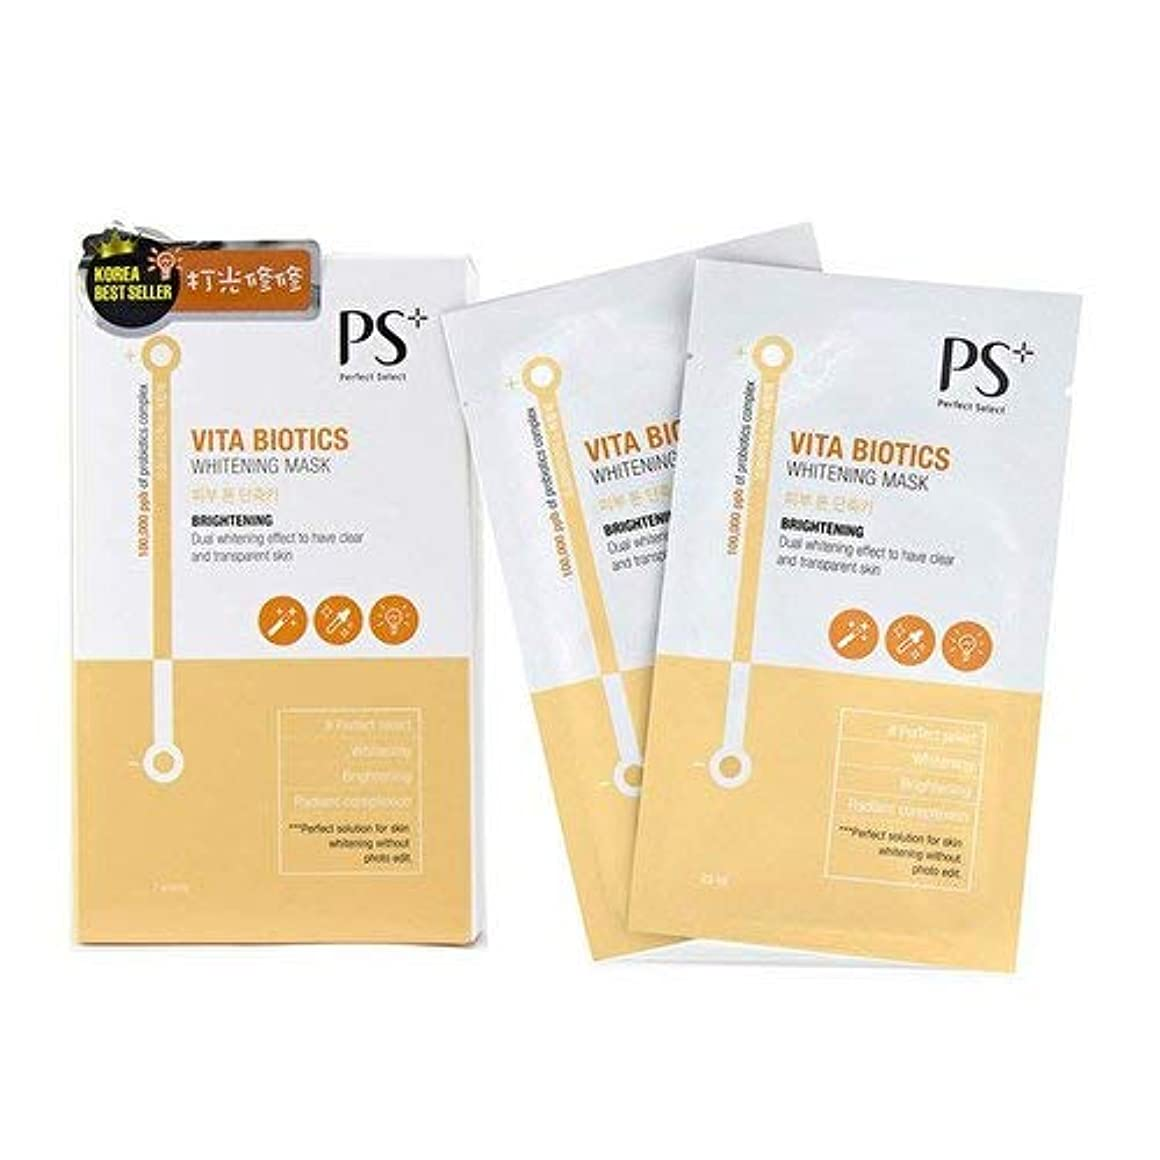 スティックマリナーきつくPS Perfect Select Vita Biotics Whitening Mask - Brightening 7pcs並行輸入品